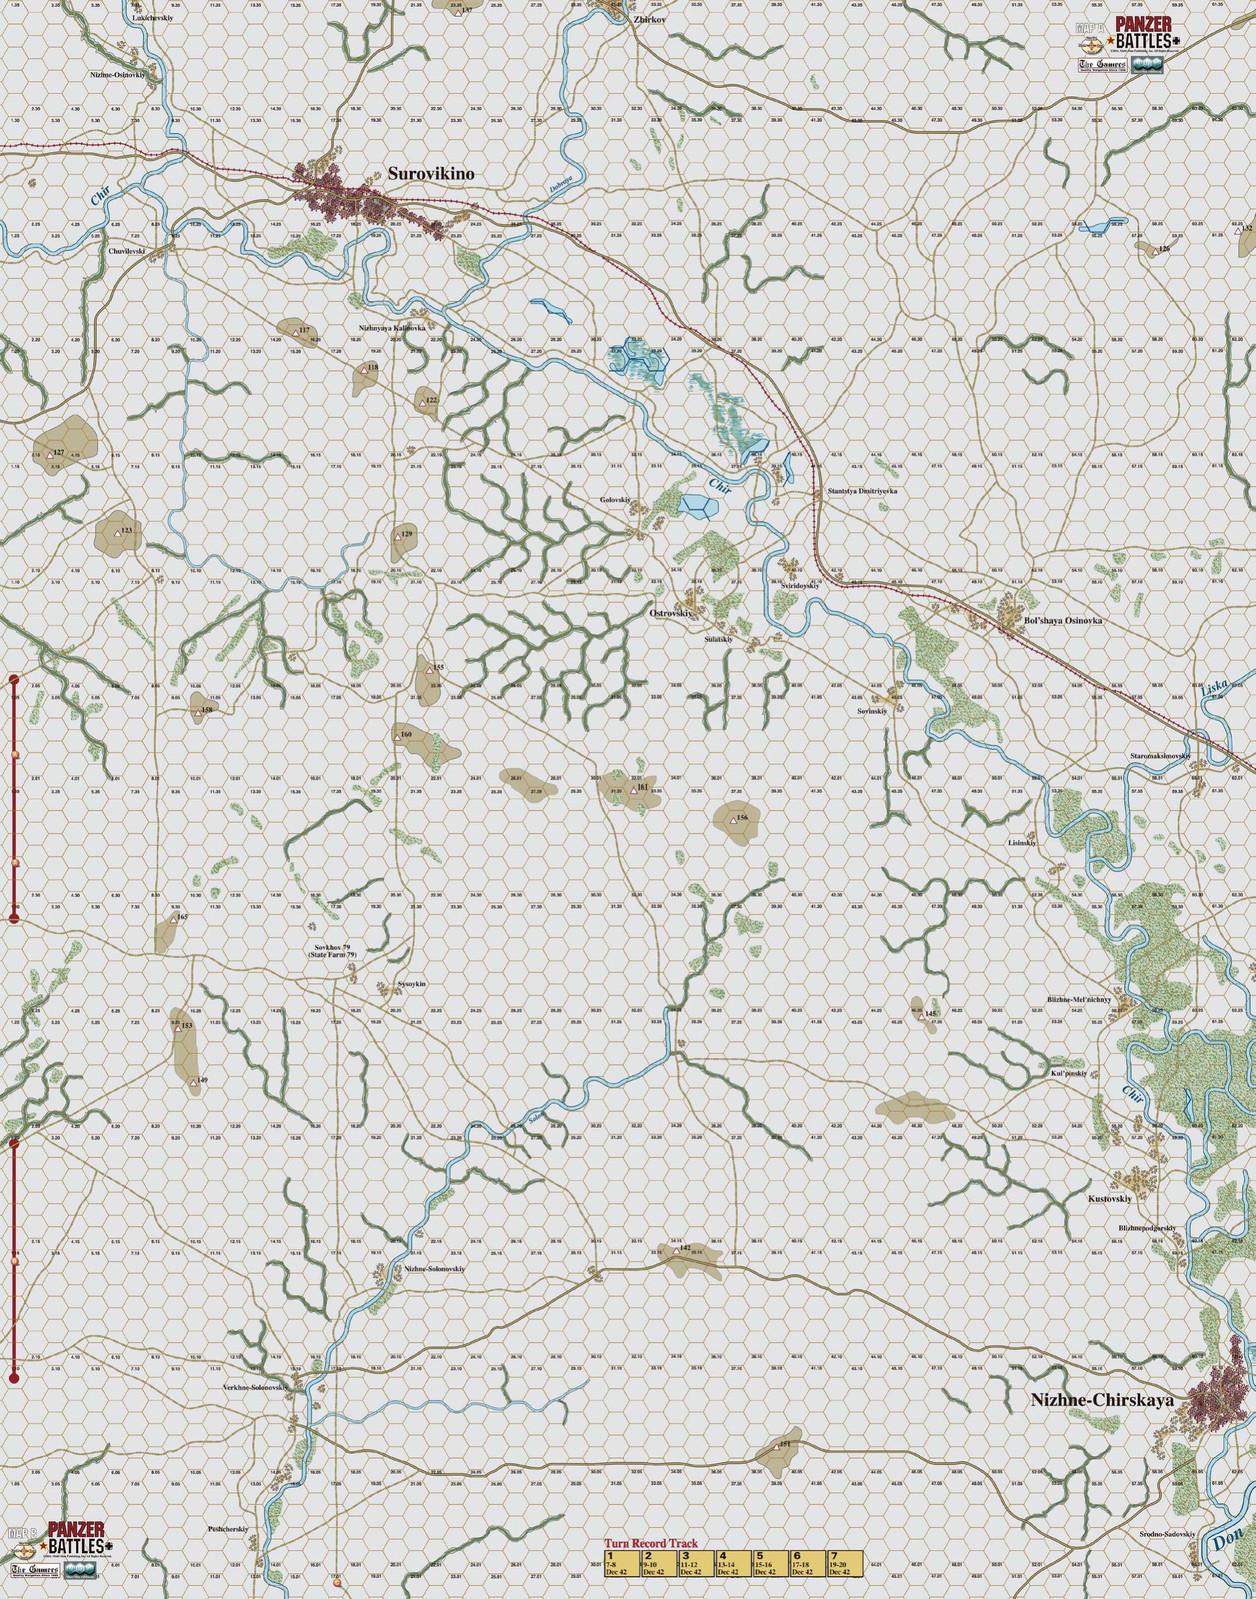 Chirrivermap